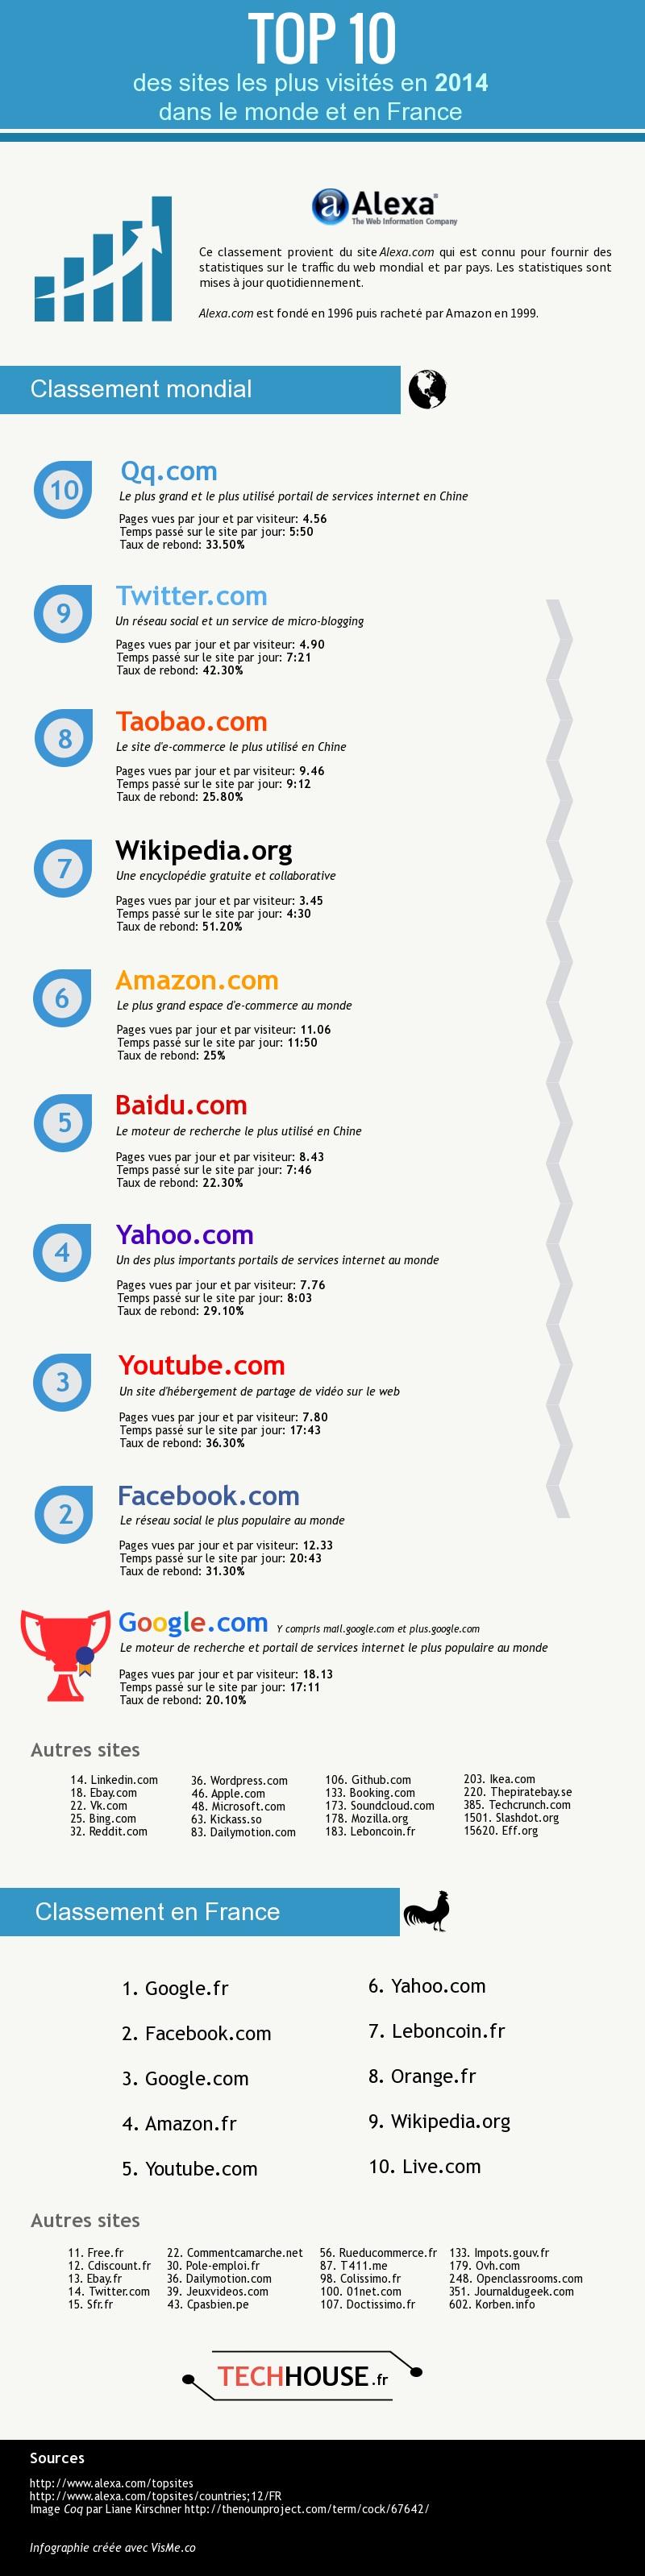 Top 10 2014 des sites les plus visités dans le monde et en France [infographie]